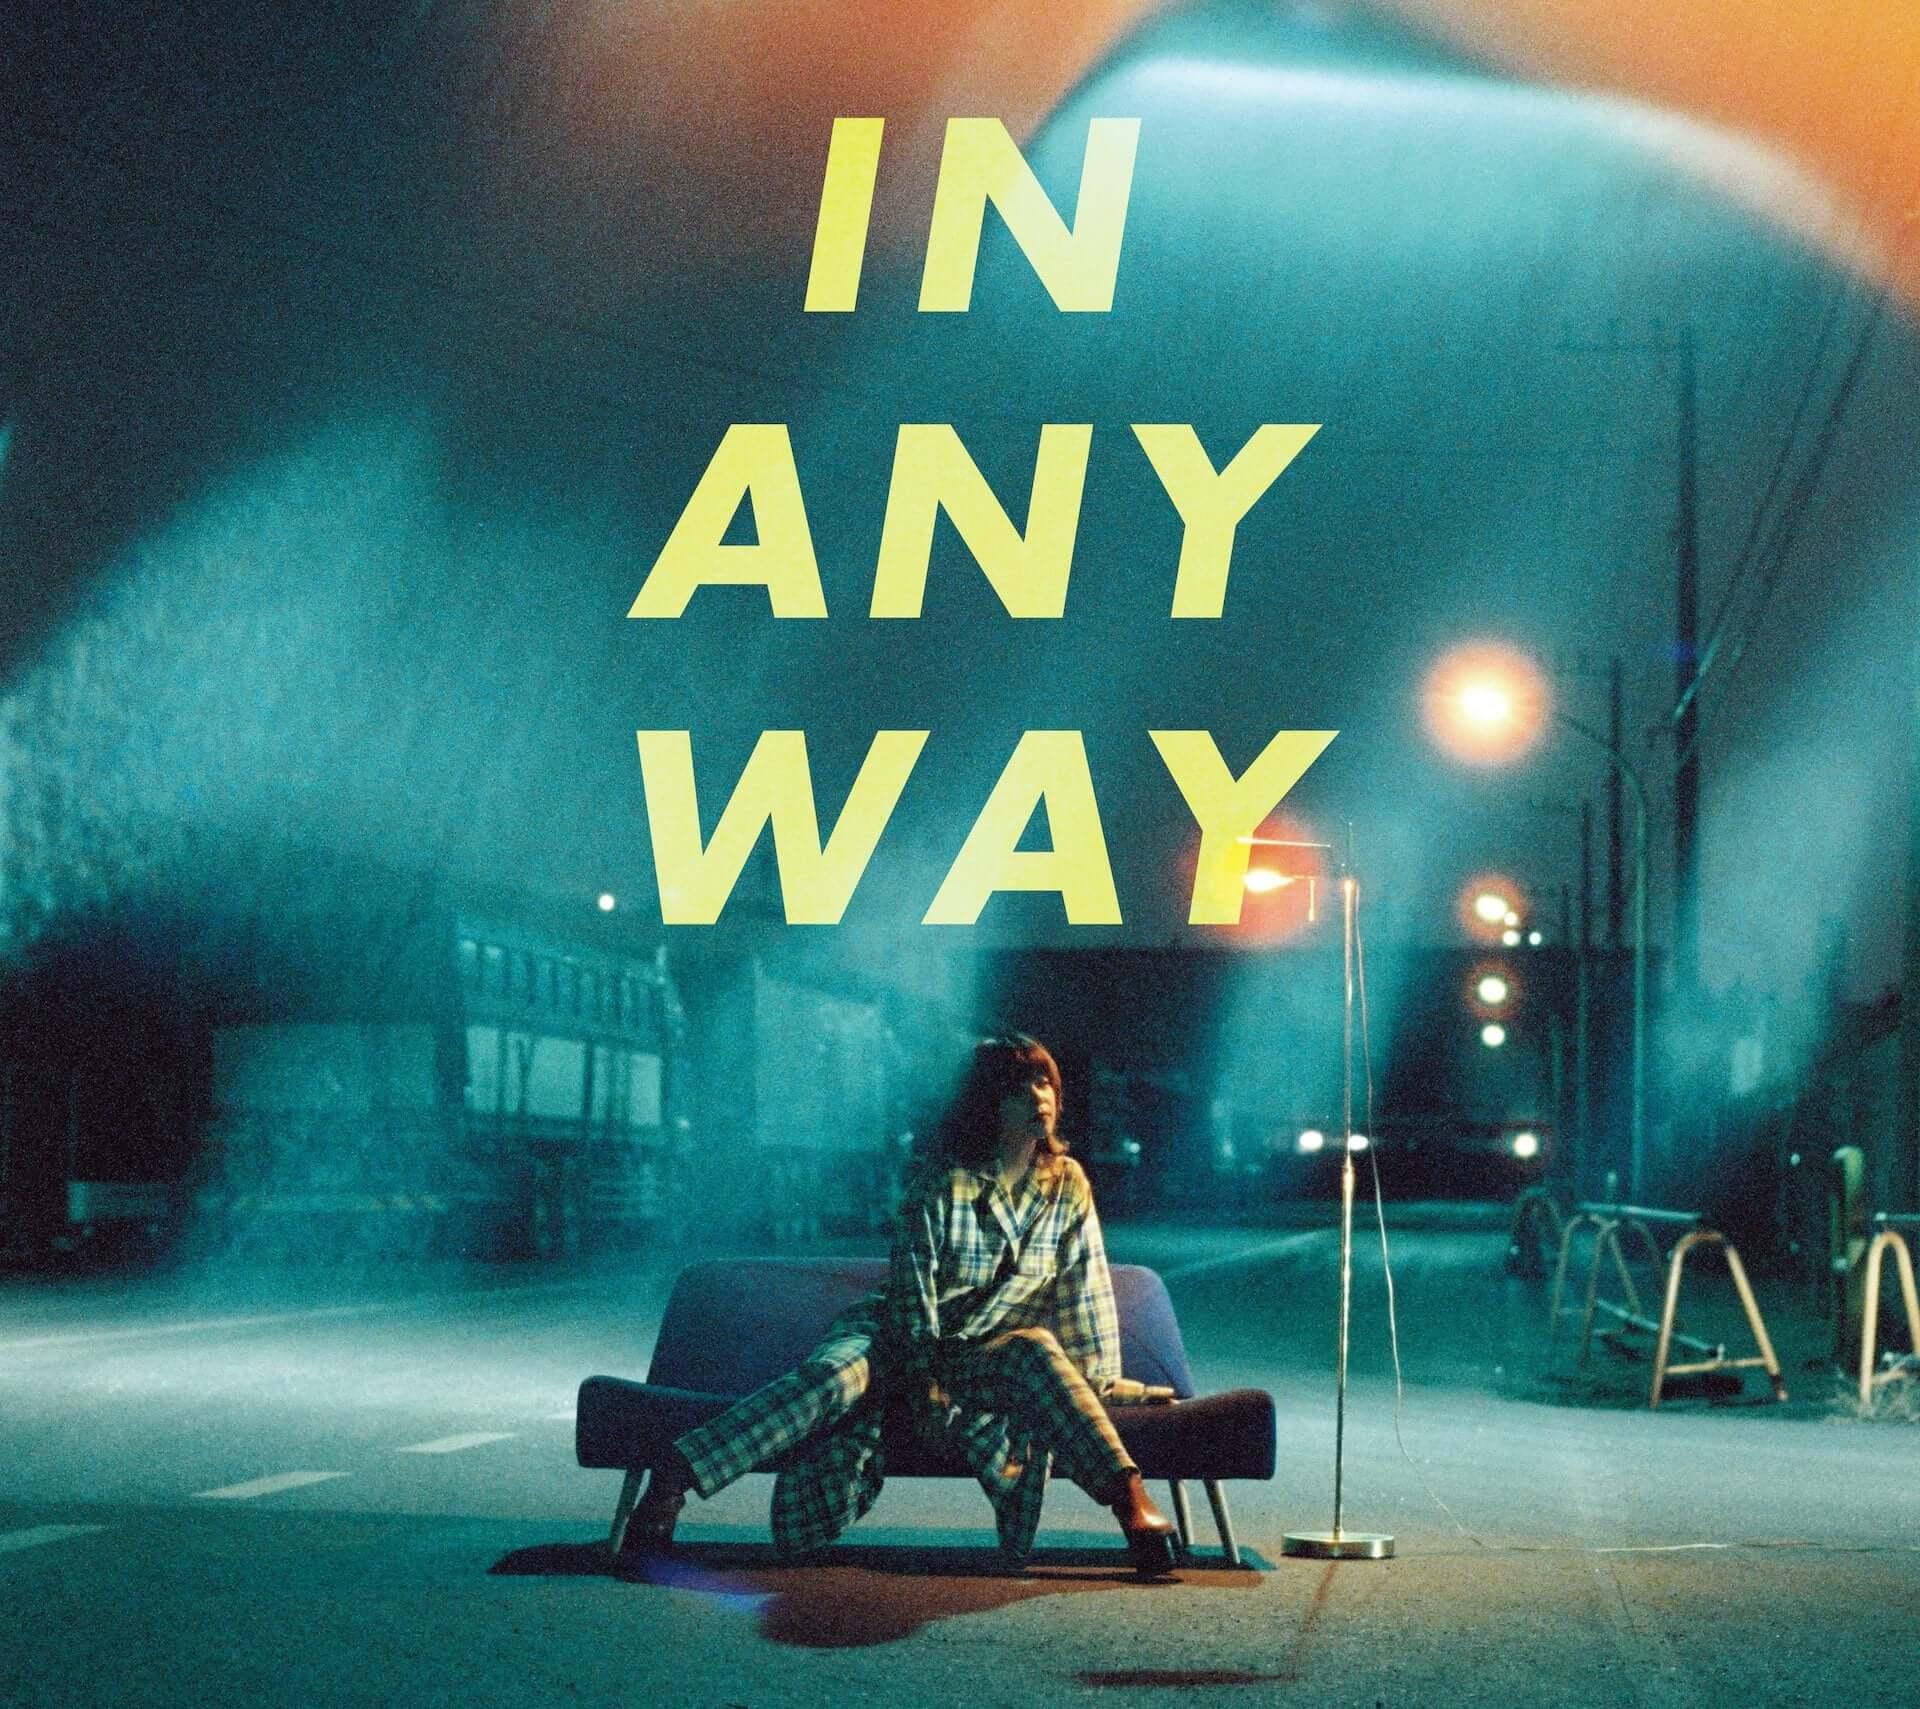 大比良瑞希の4年振りのアルバム『IN ANY WAY』が本日発売|tofubeats、七尾旅人、蔦谷好位置のコメントも到着 music200602_ohiramizuki_3-1920x1709